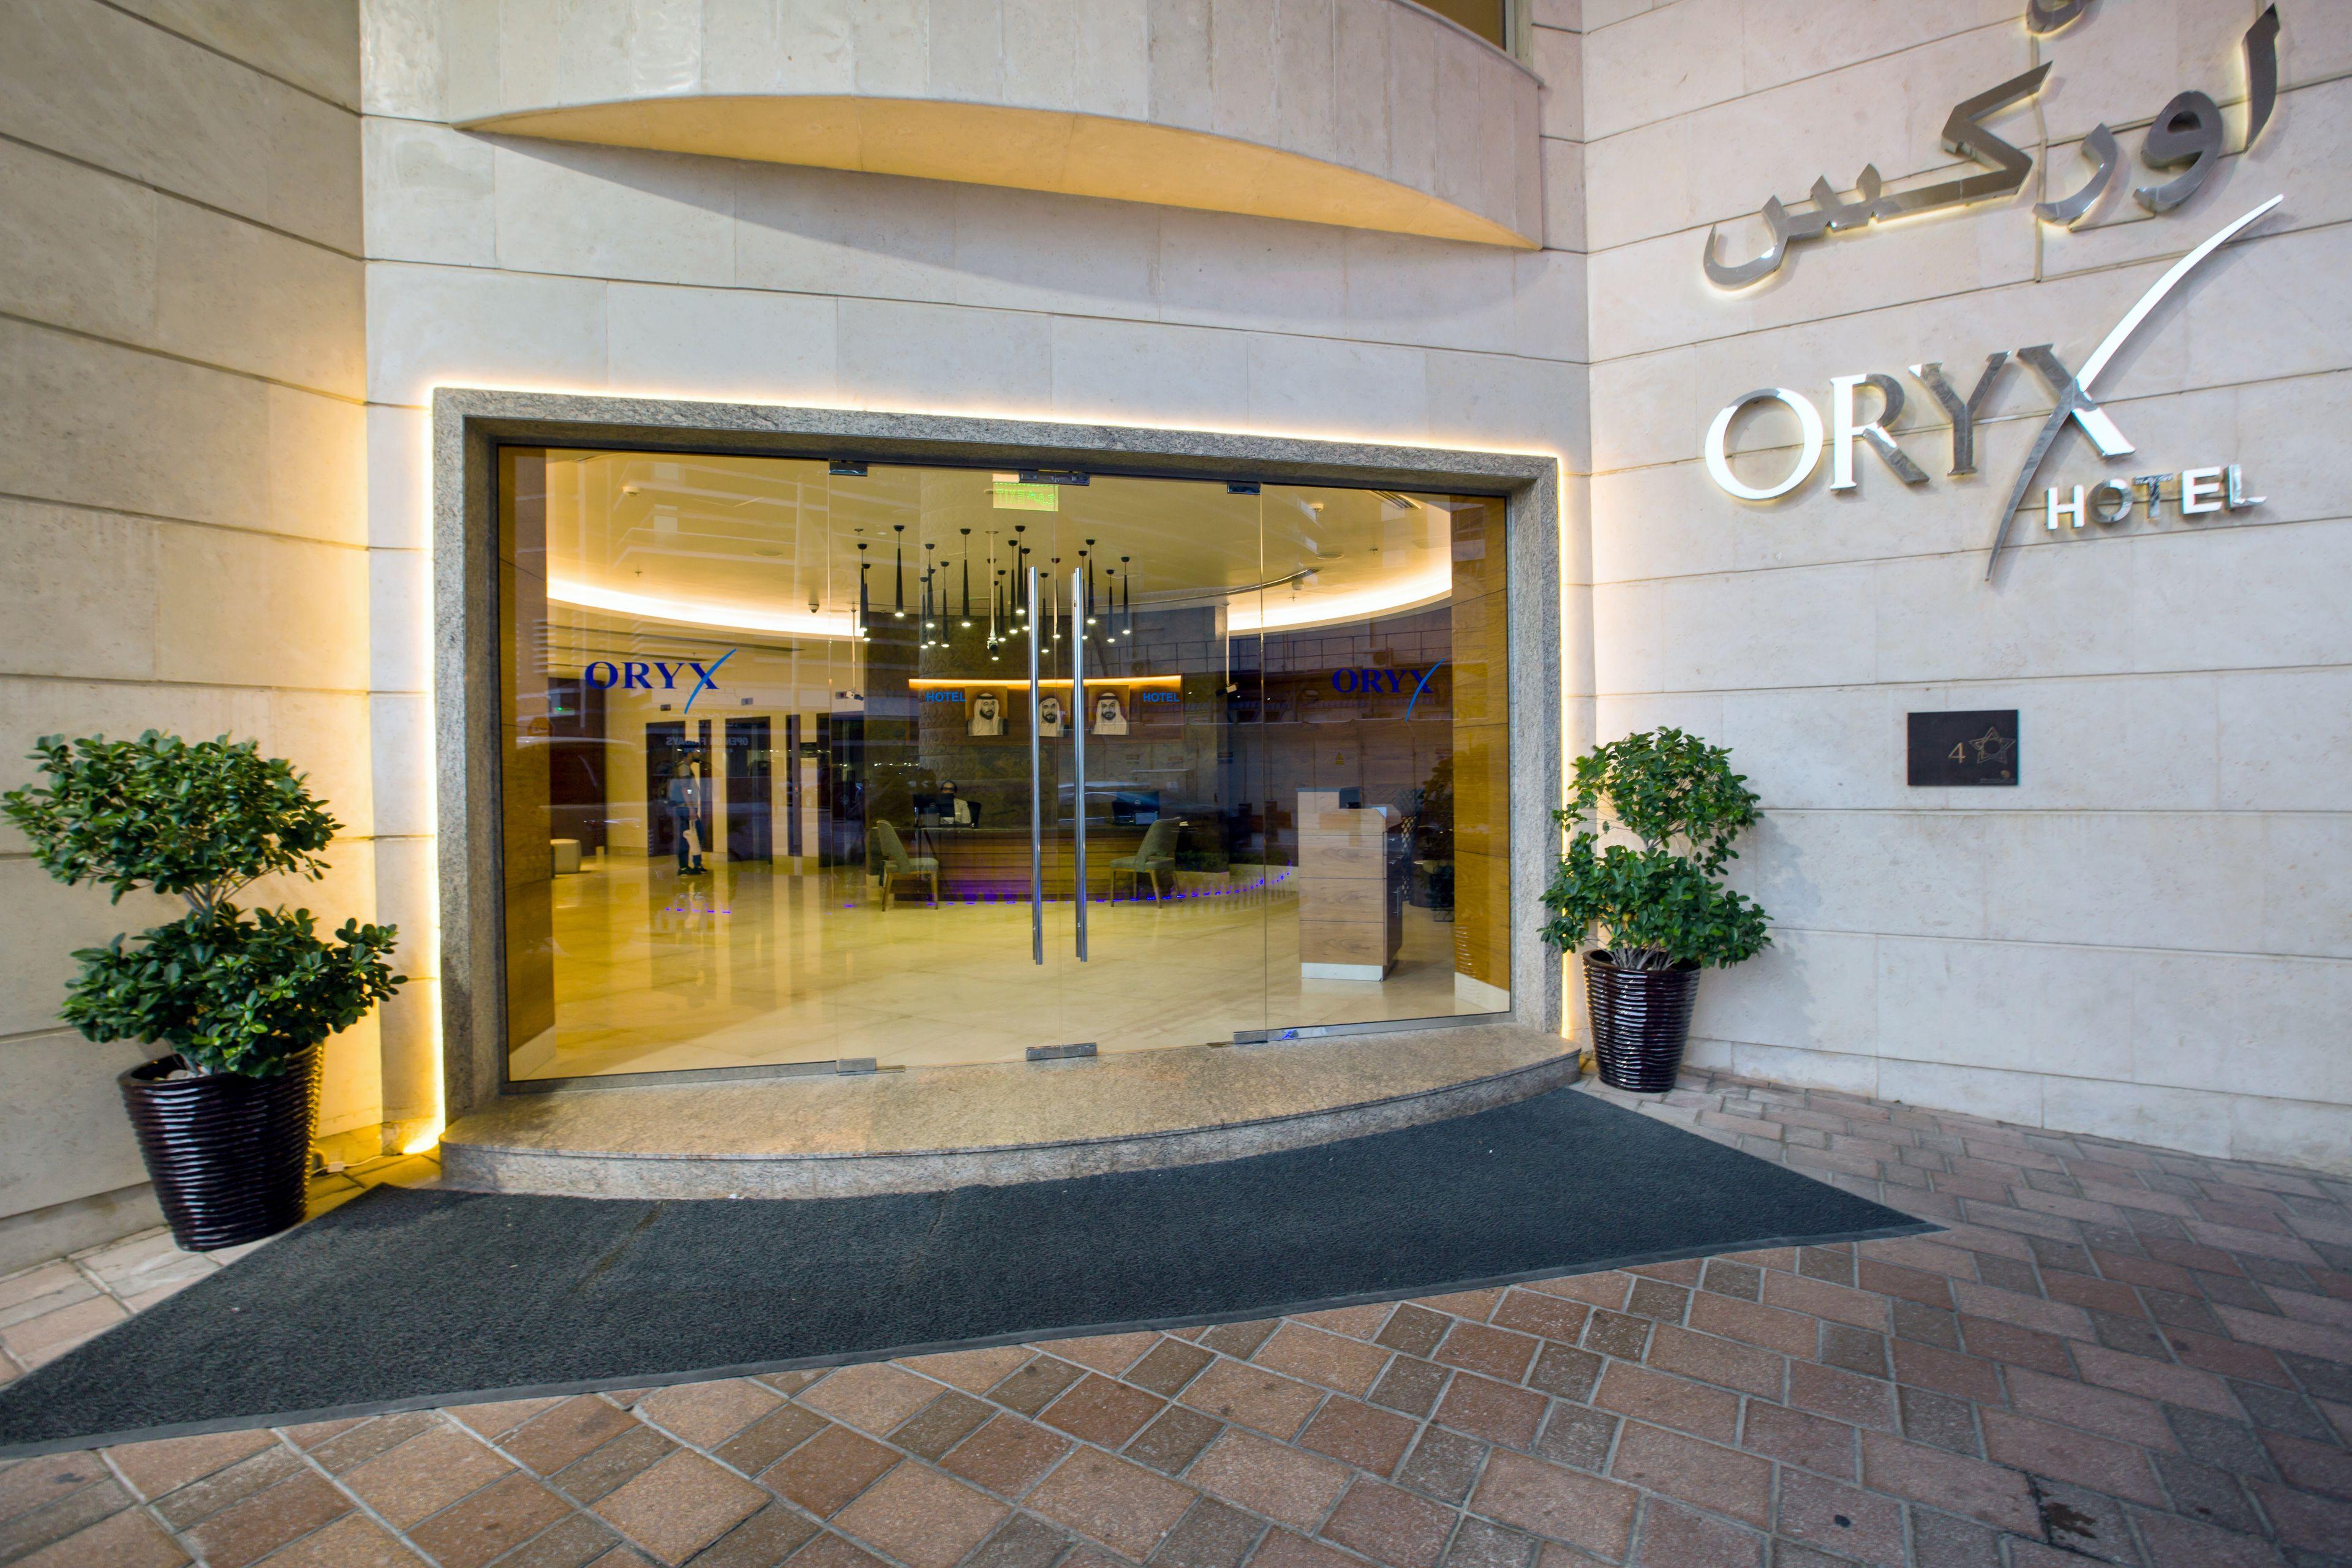 Oryx Hotel